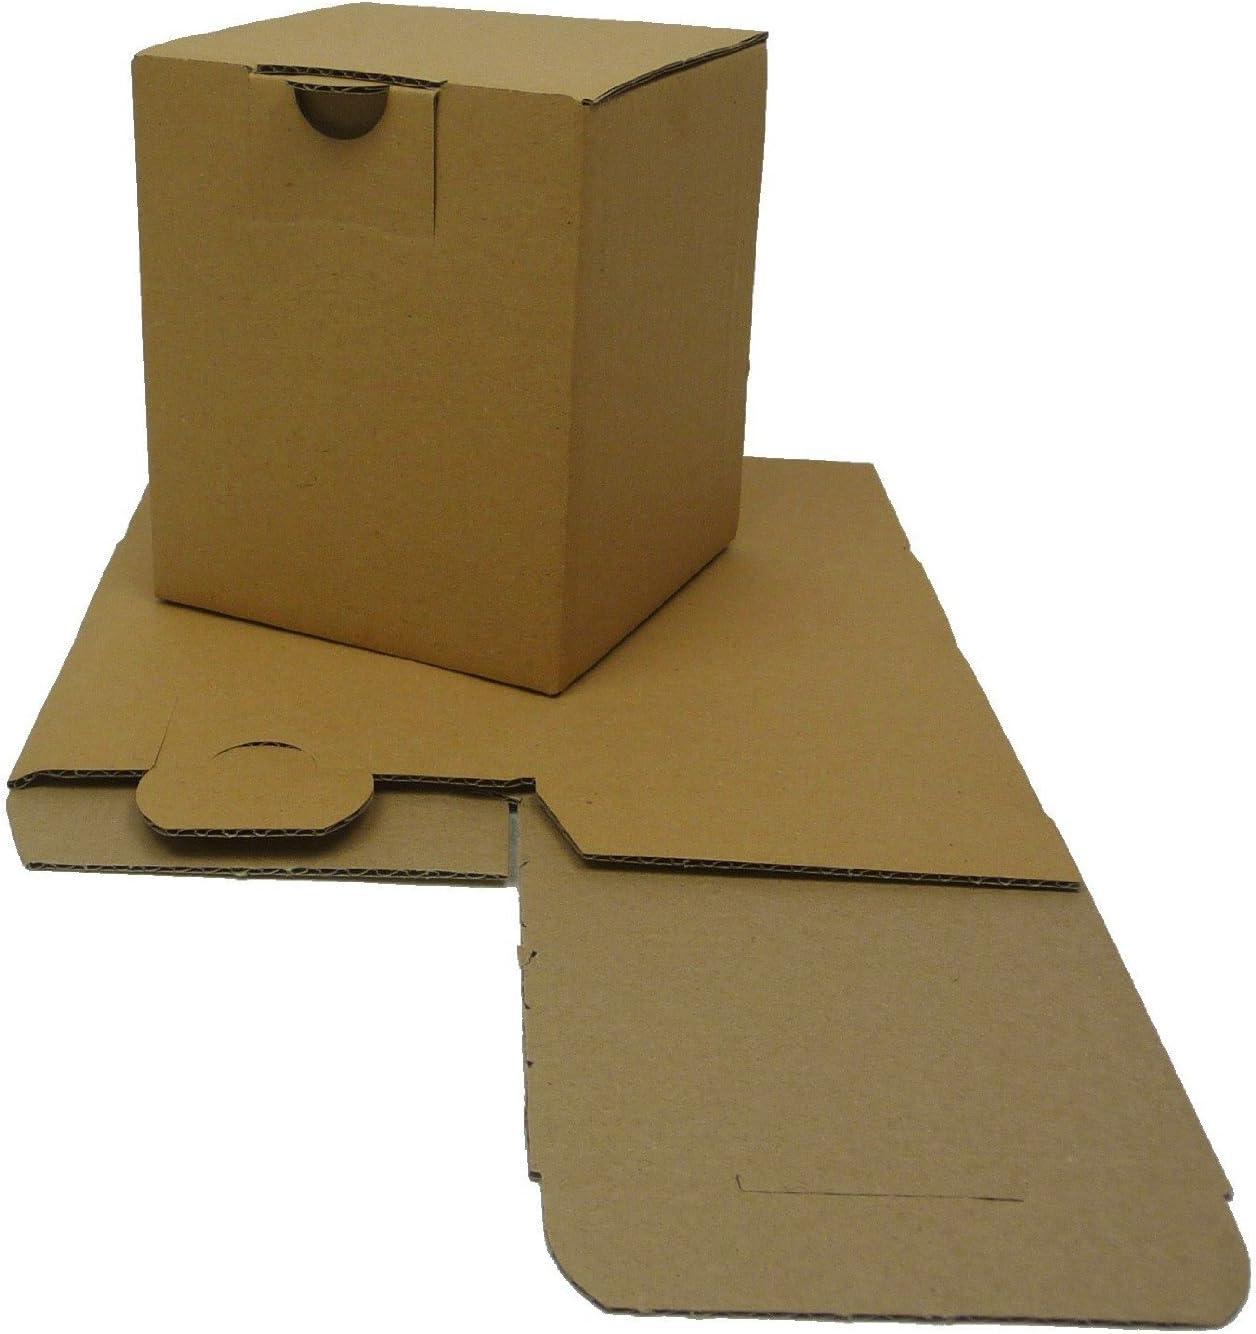 120 Stück Tassenkartons 125 x 125 x 148